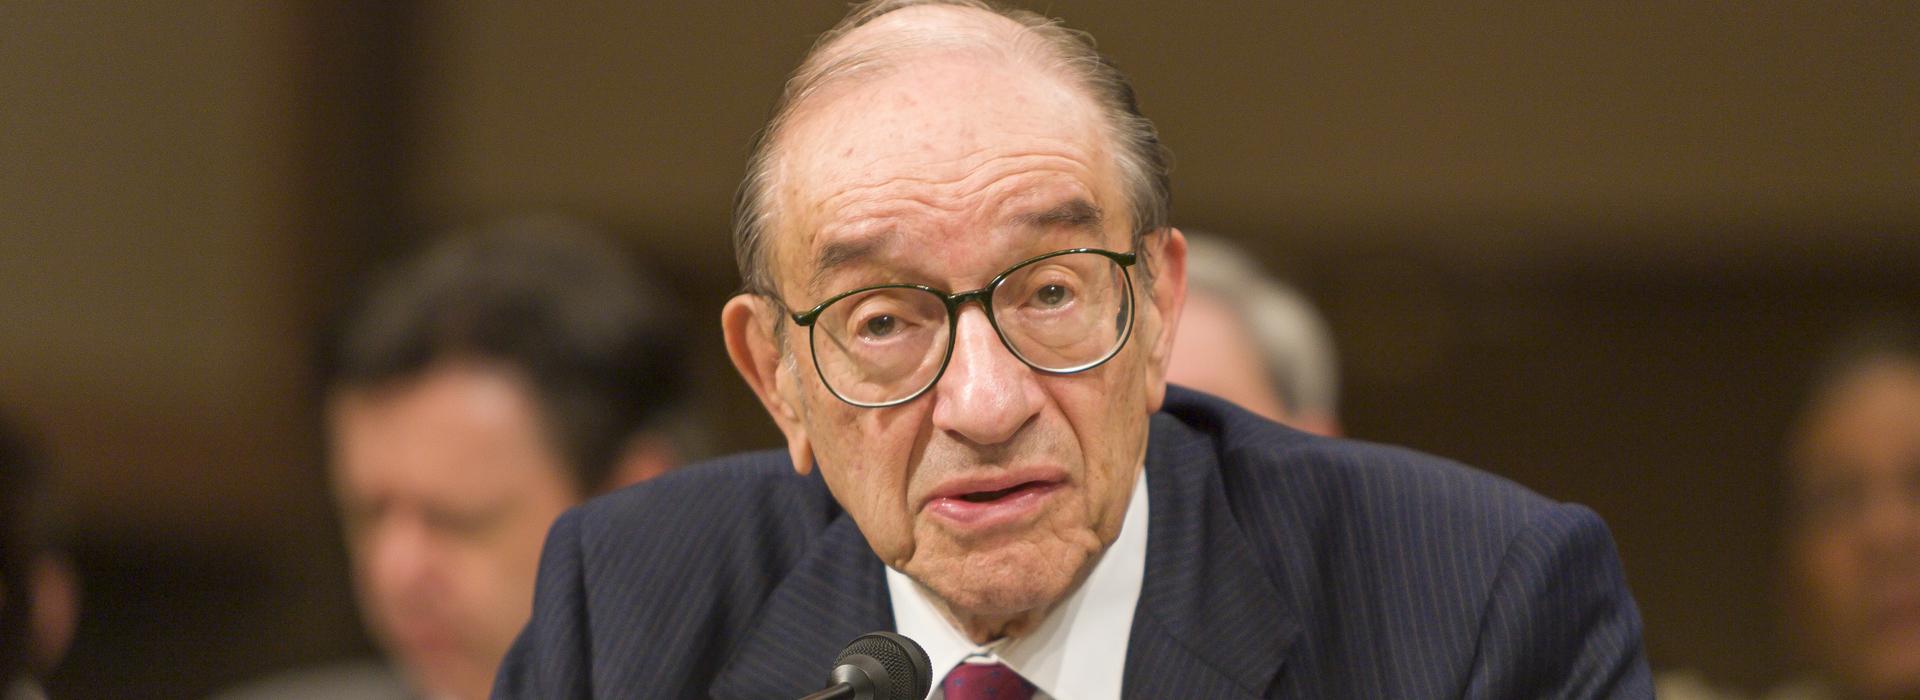 聯準會前主席葛林斯班:股債市均陷泡沫!